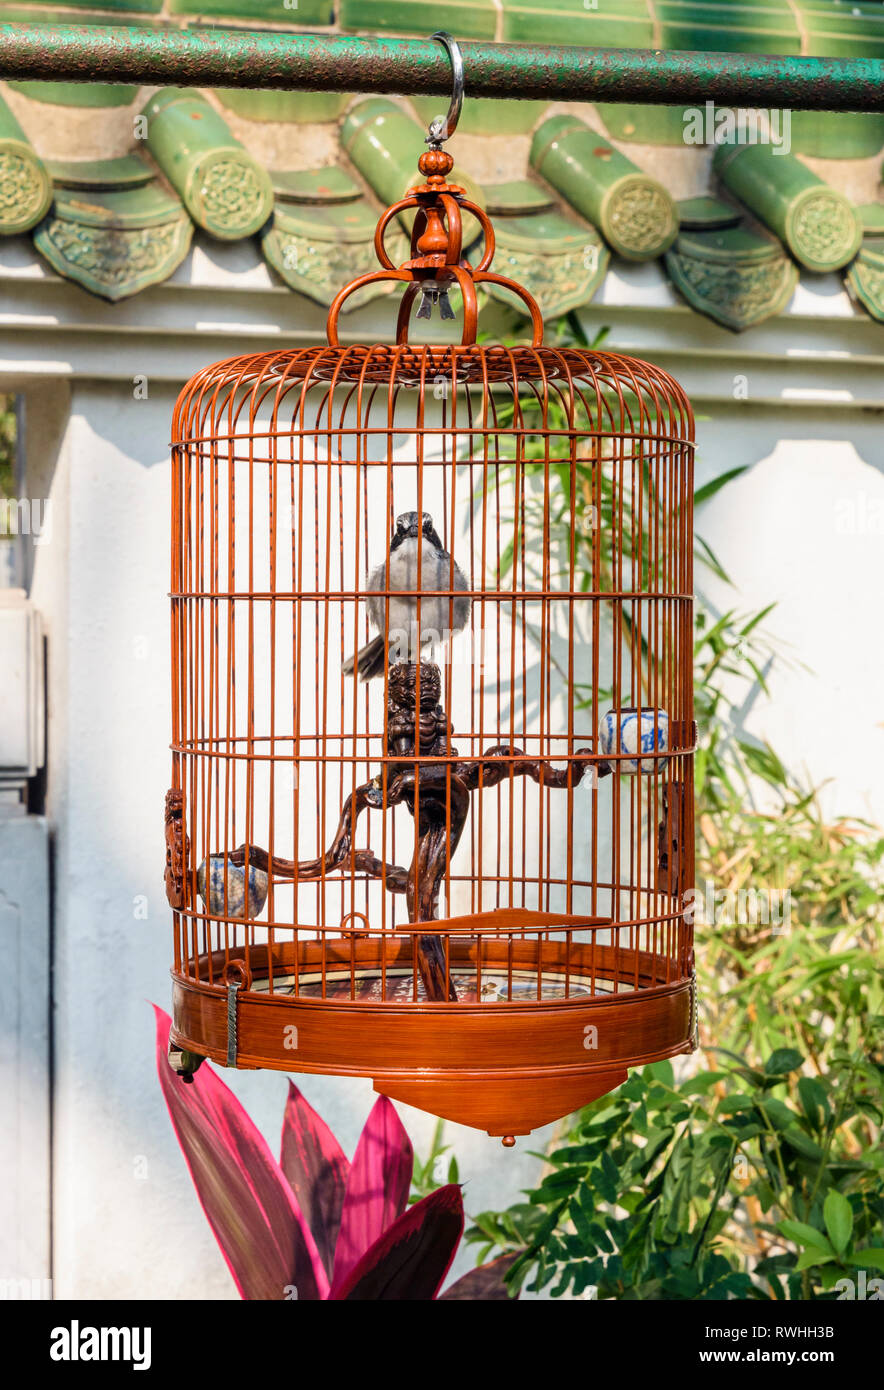 Bird in a cage at the bird market in the Yuen Po Street Bird Garden, Mong Kok, Hong Kong - Stock Image